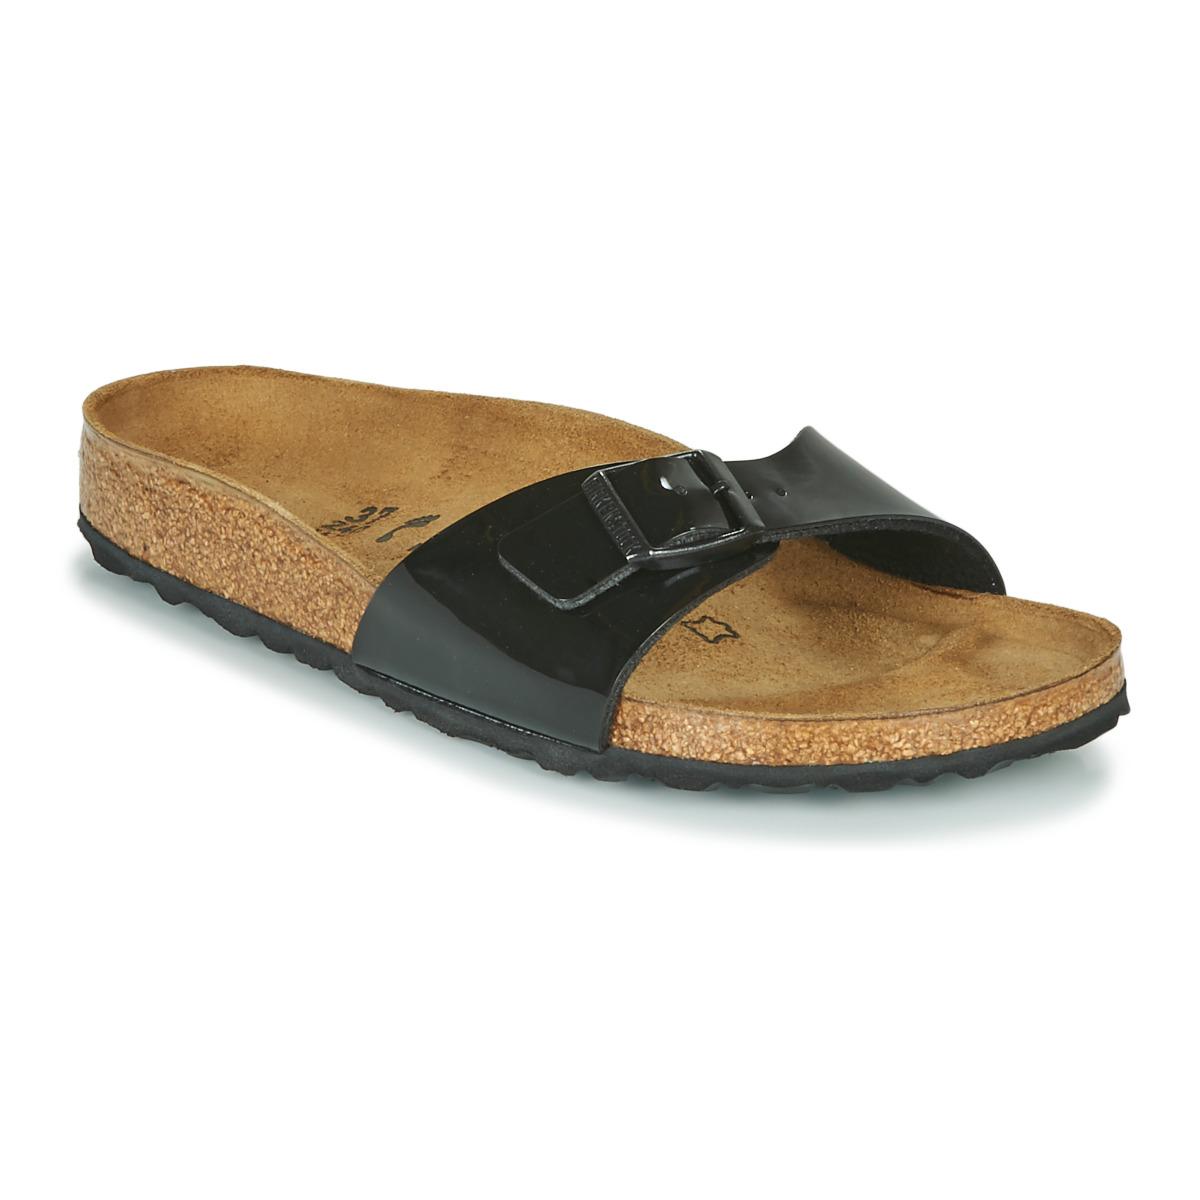 Simetría Descriptivo Triturado  Birkenstock MADRID Black / Varnish - Fast delivery | Spartoo Europe ! -  Shoes Mules Women 65,00 €